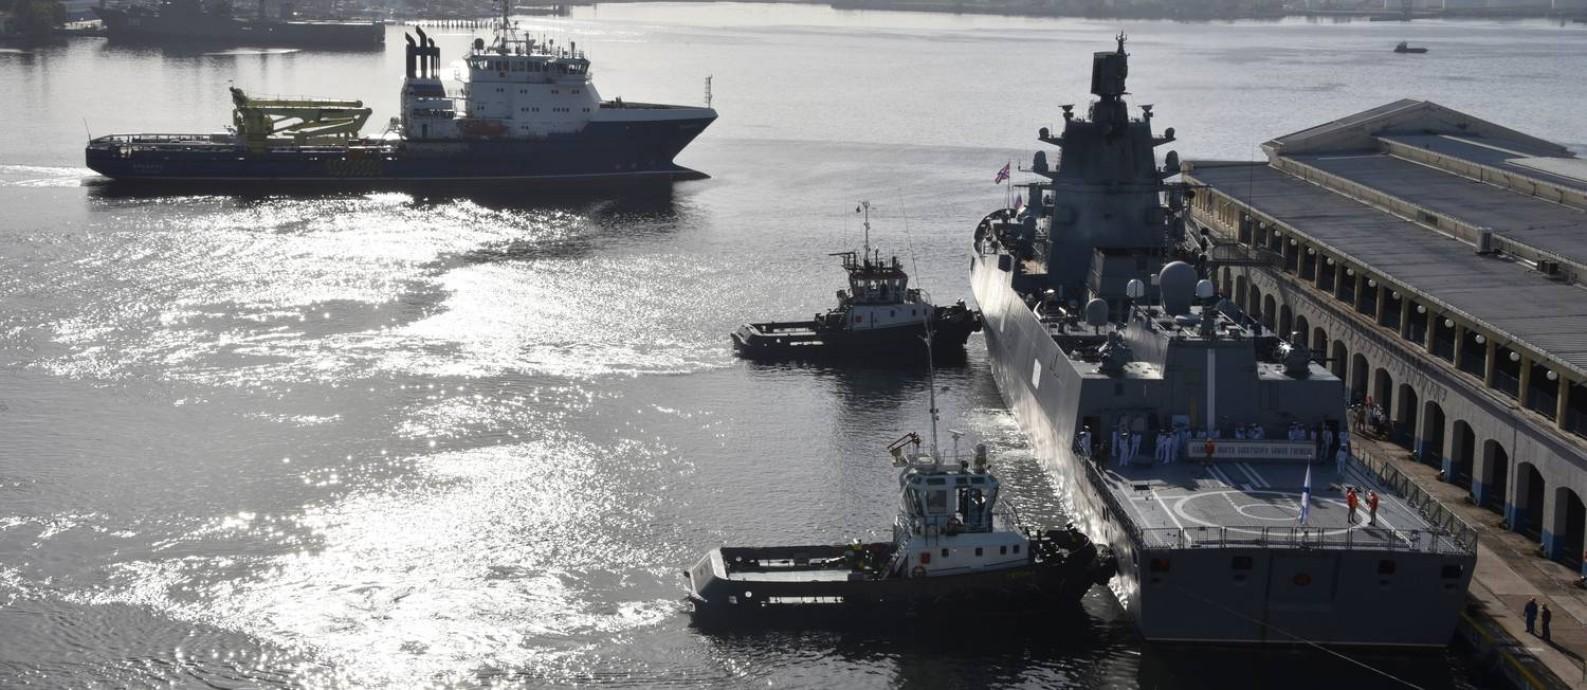 A fragrata Almirante Gorshkov chegou ao porto de Havana nesta segunda-feira Foto: ADALBERTO ROQUE / AFP